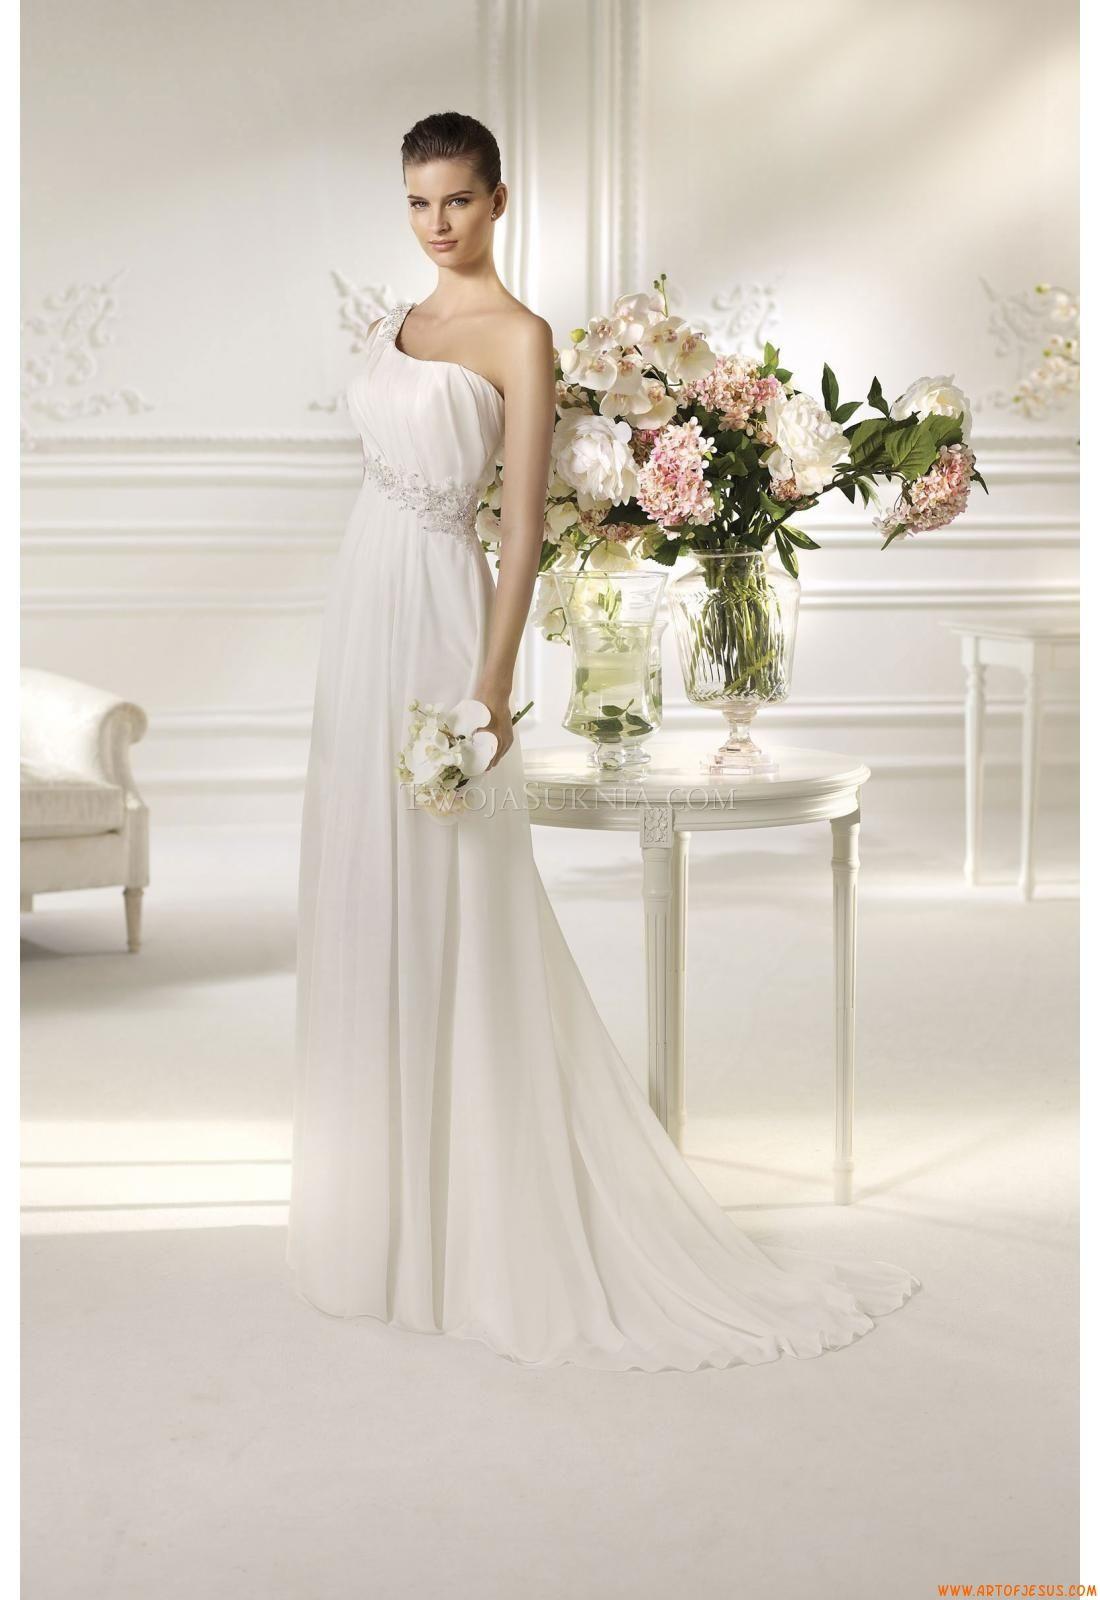 A-linie Modische Schlichte Brautkleider aus Chiffon mit Schleppe